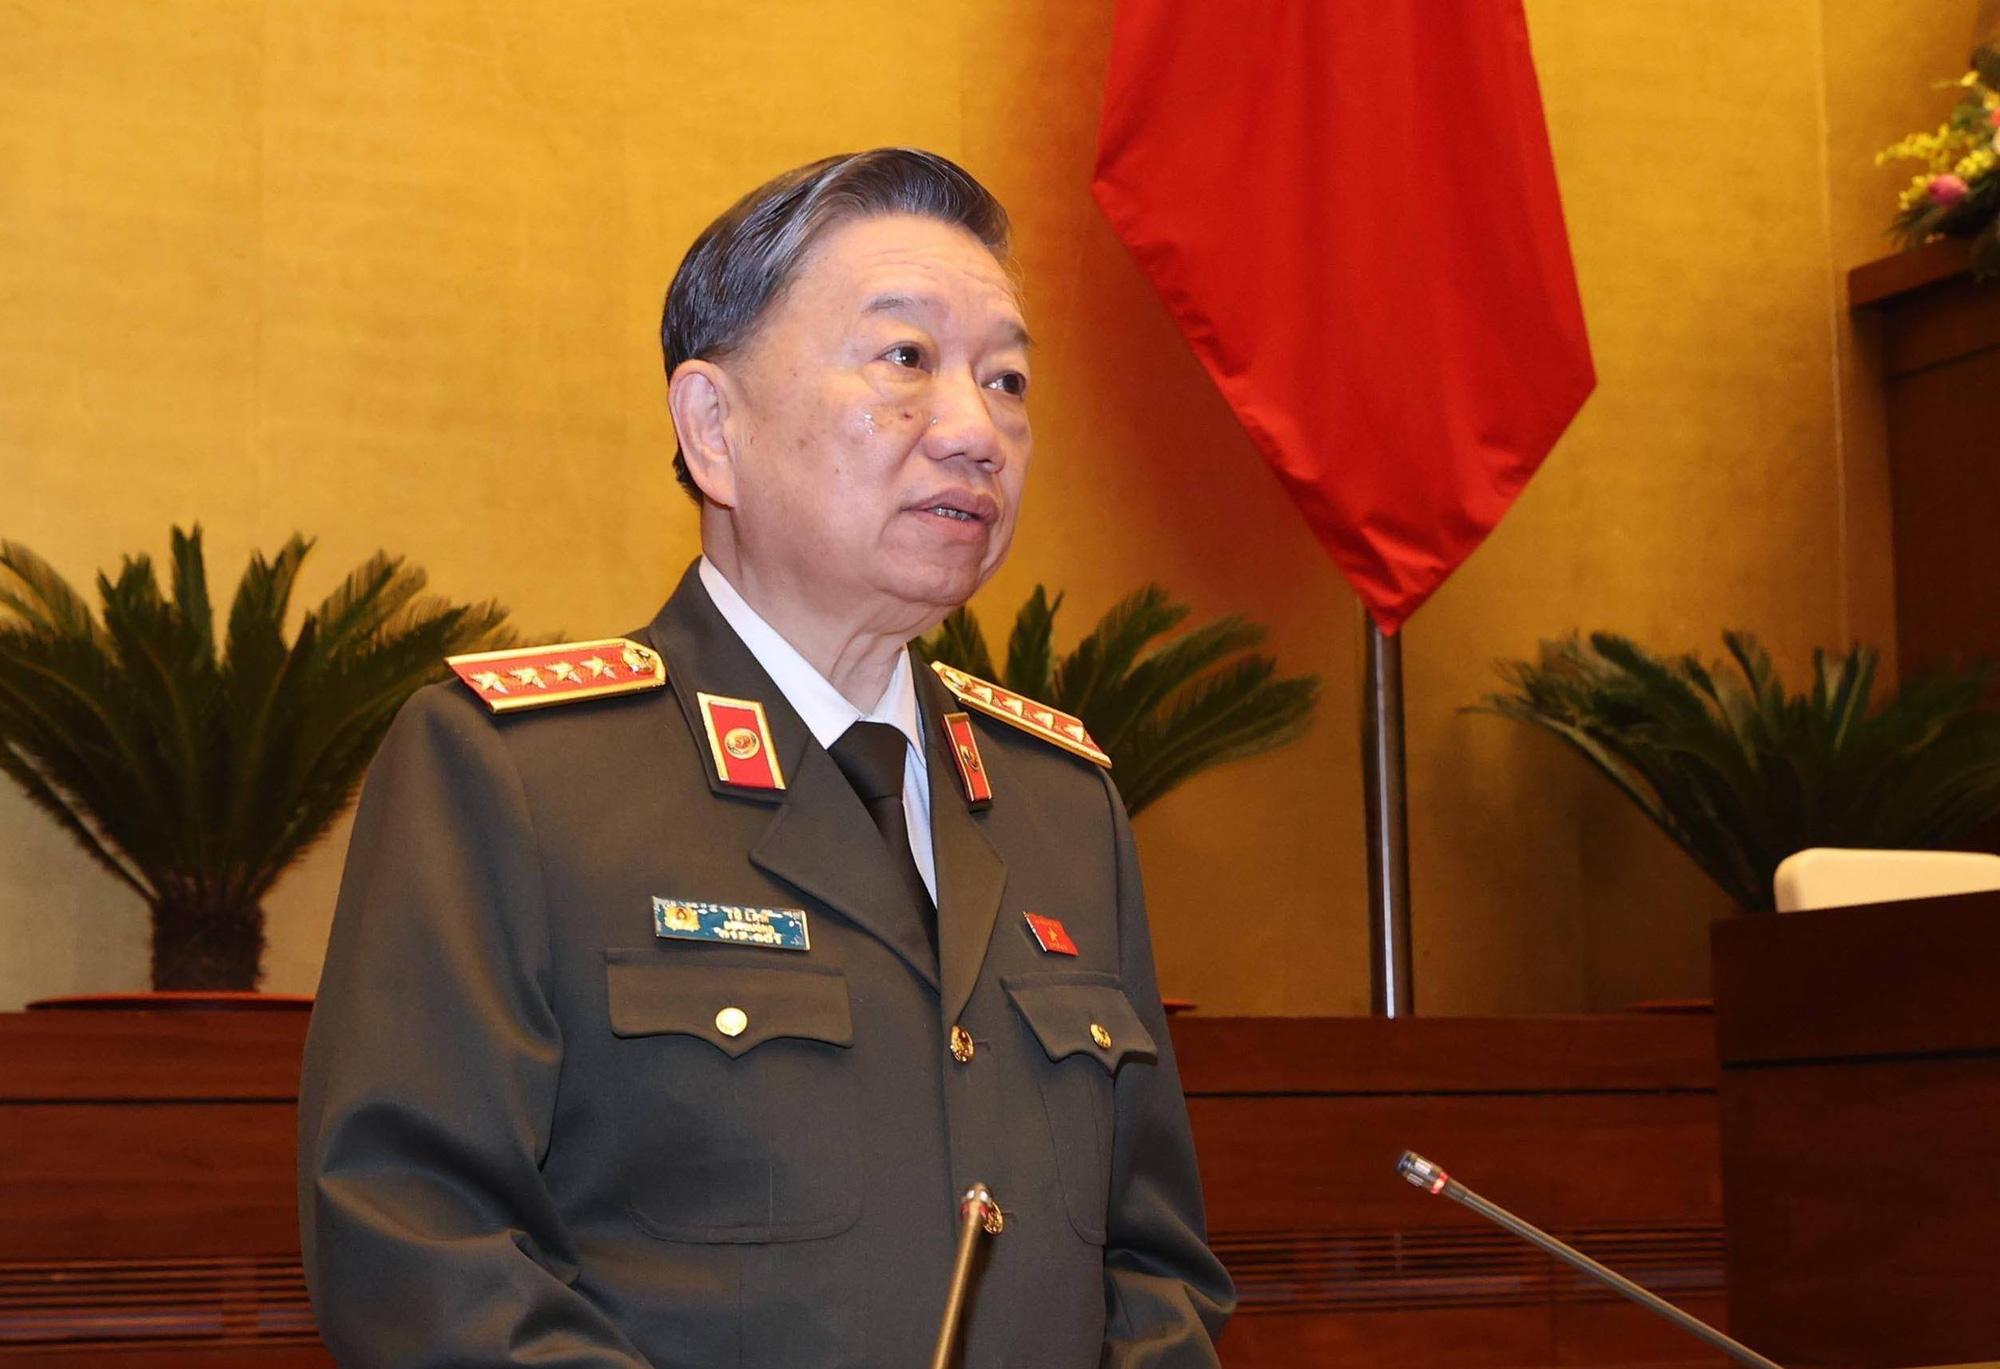 Bộ trưởng Tô Lâm: Tội phạm về tham nhũng ít hơn năm ngoái  - Ảnh 1.